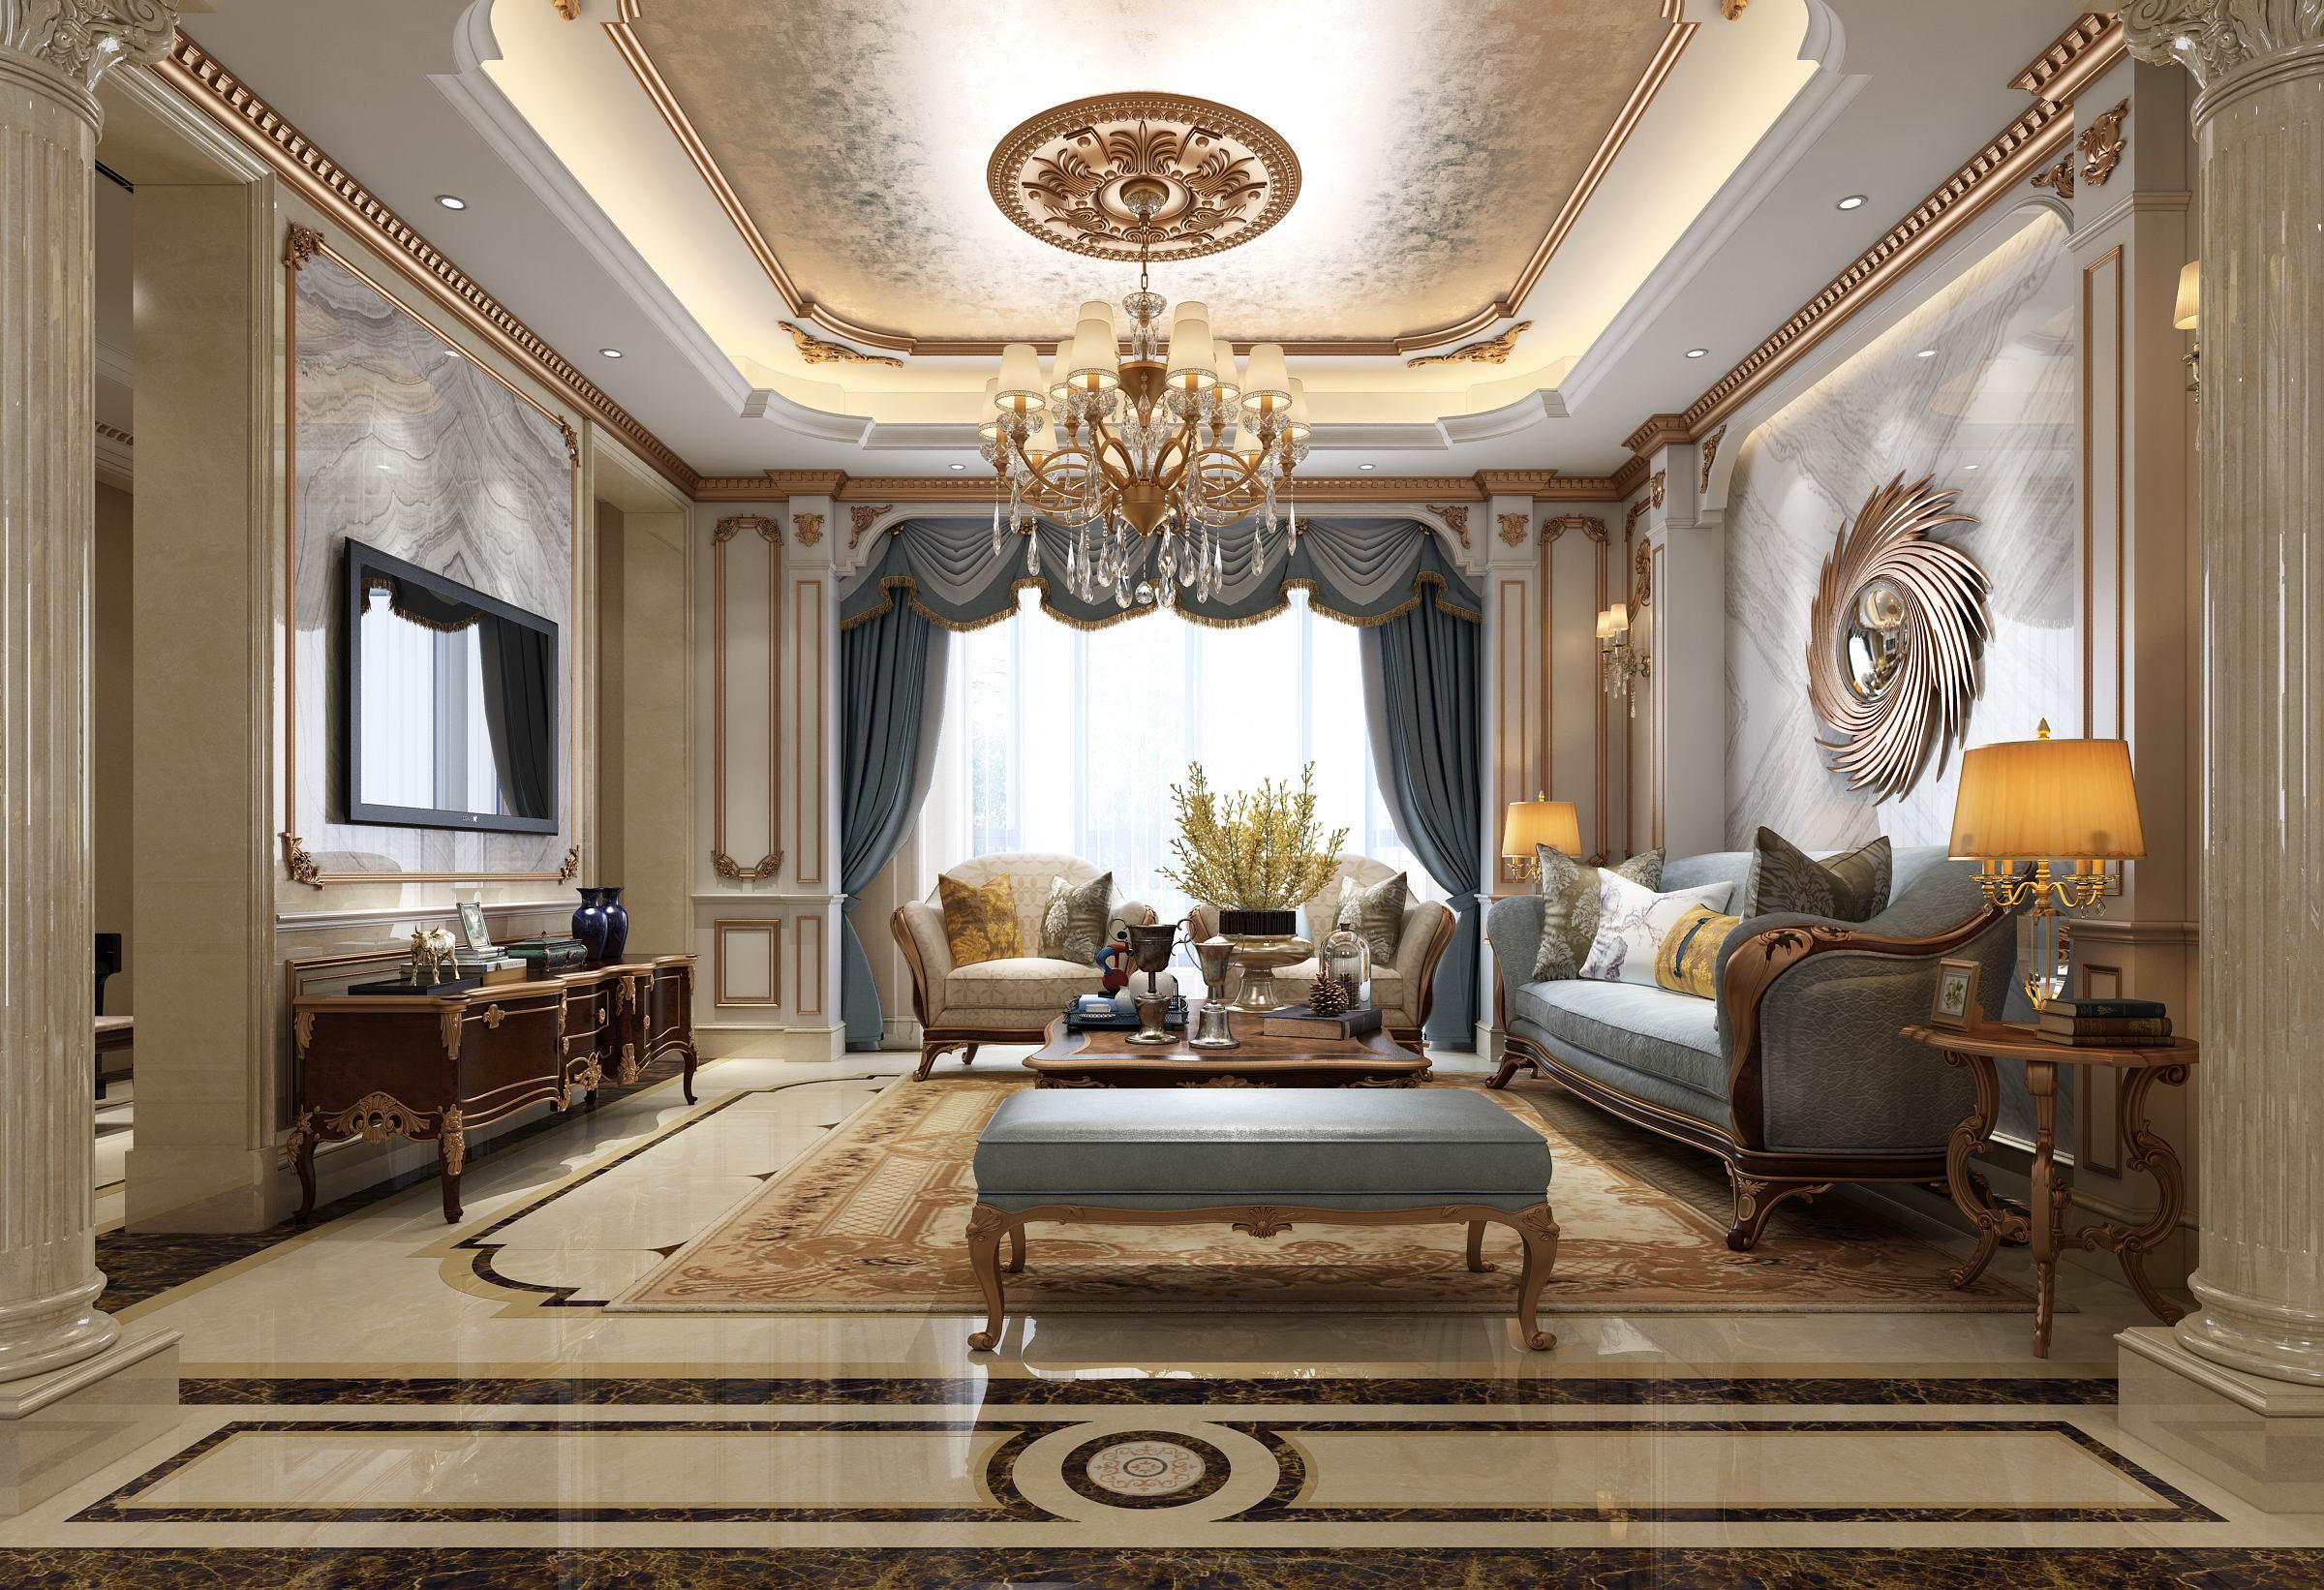 别墅 装修 设计 案例 法式 新中式 客厅图片来自无锡别墅设计s在鸿墅405㎡法式+新中式装修案例的分享